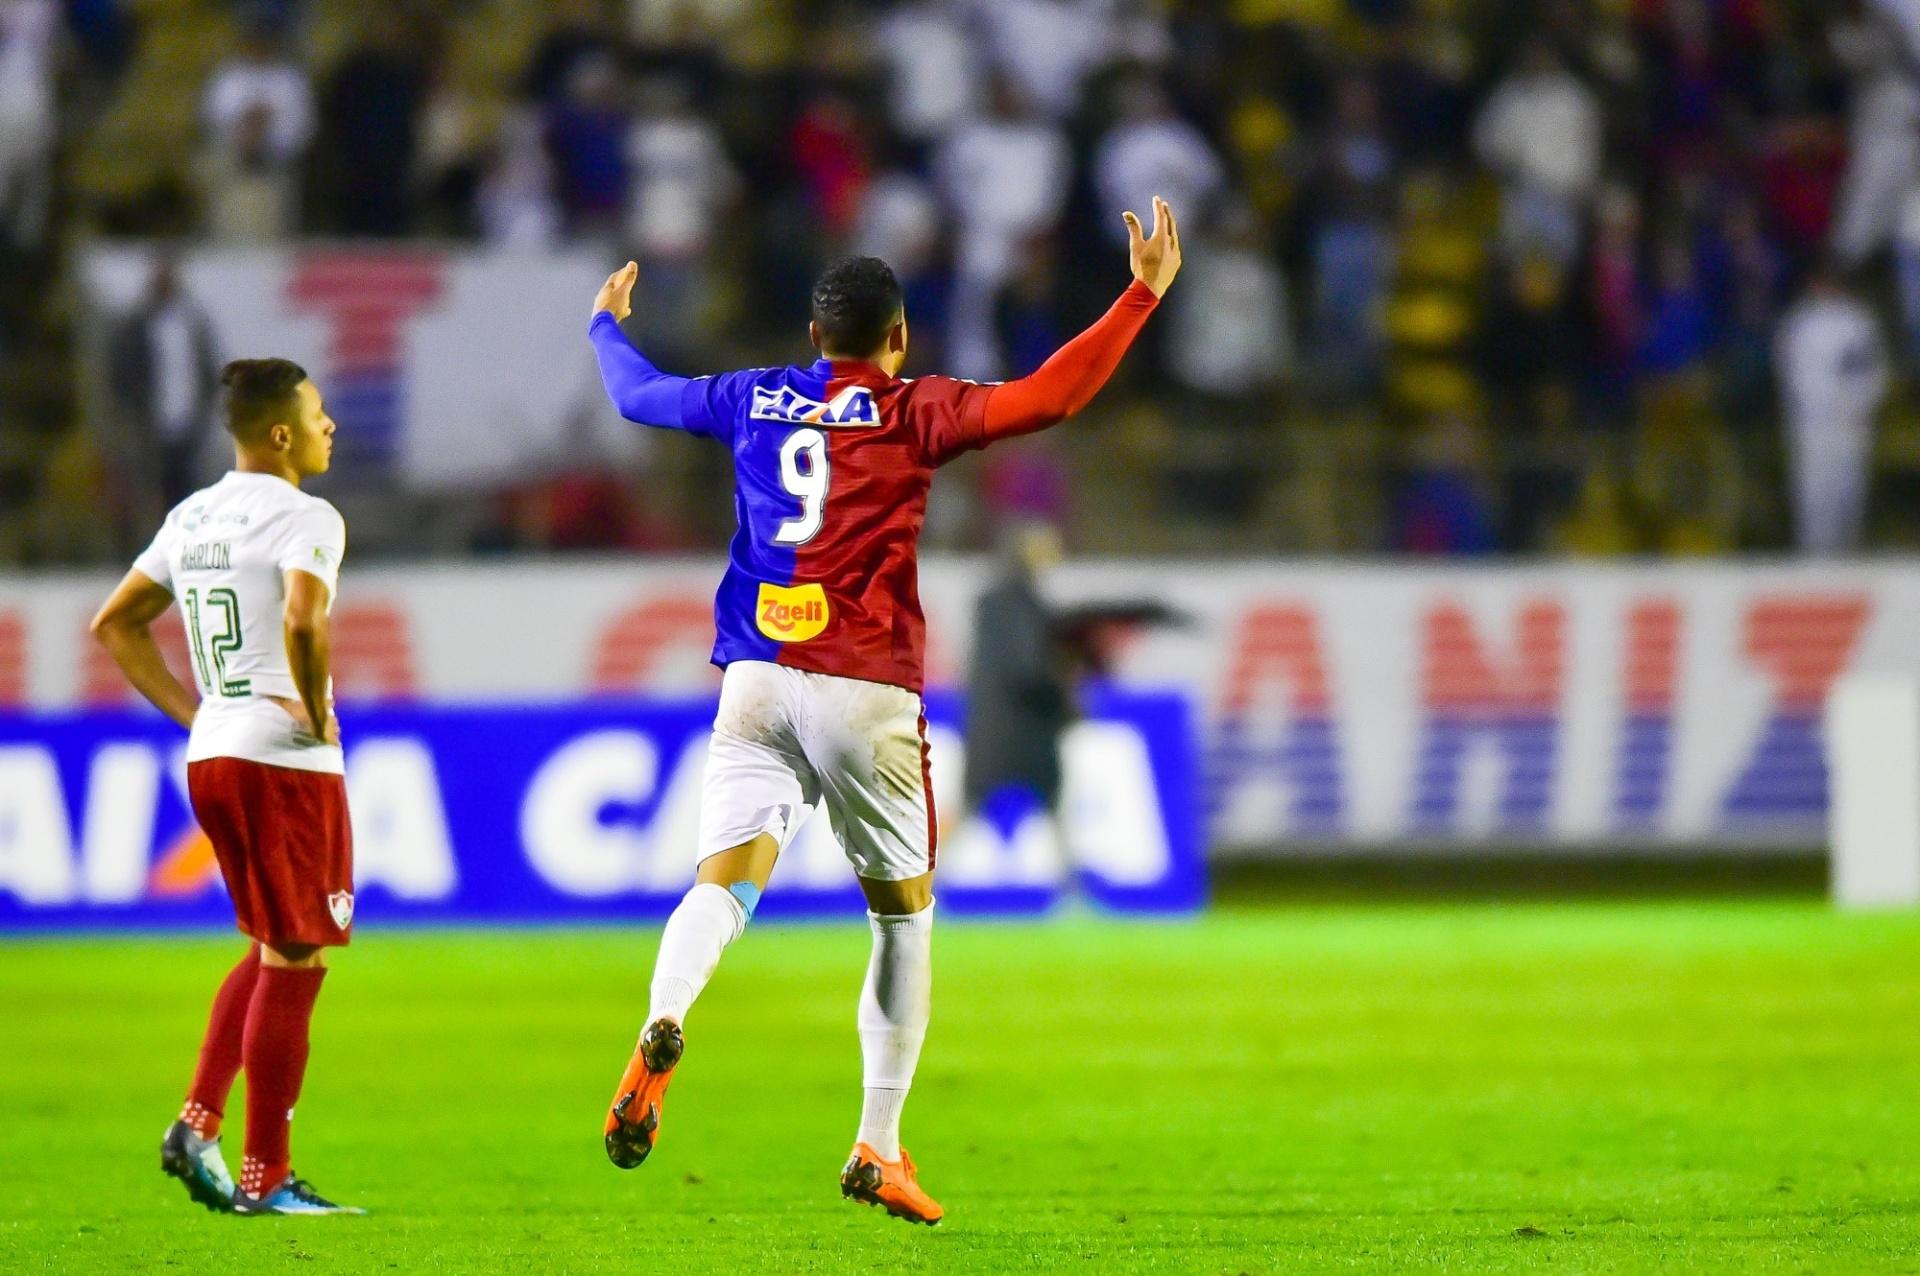 Paraná recebe Bahia e tenta segunda vitória seguida pela segunda vez no ano  - 07 06 2018 - UOL Esporte 550fcb33b3be7